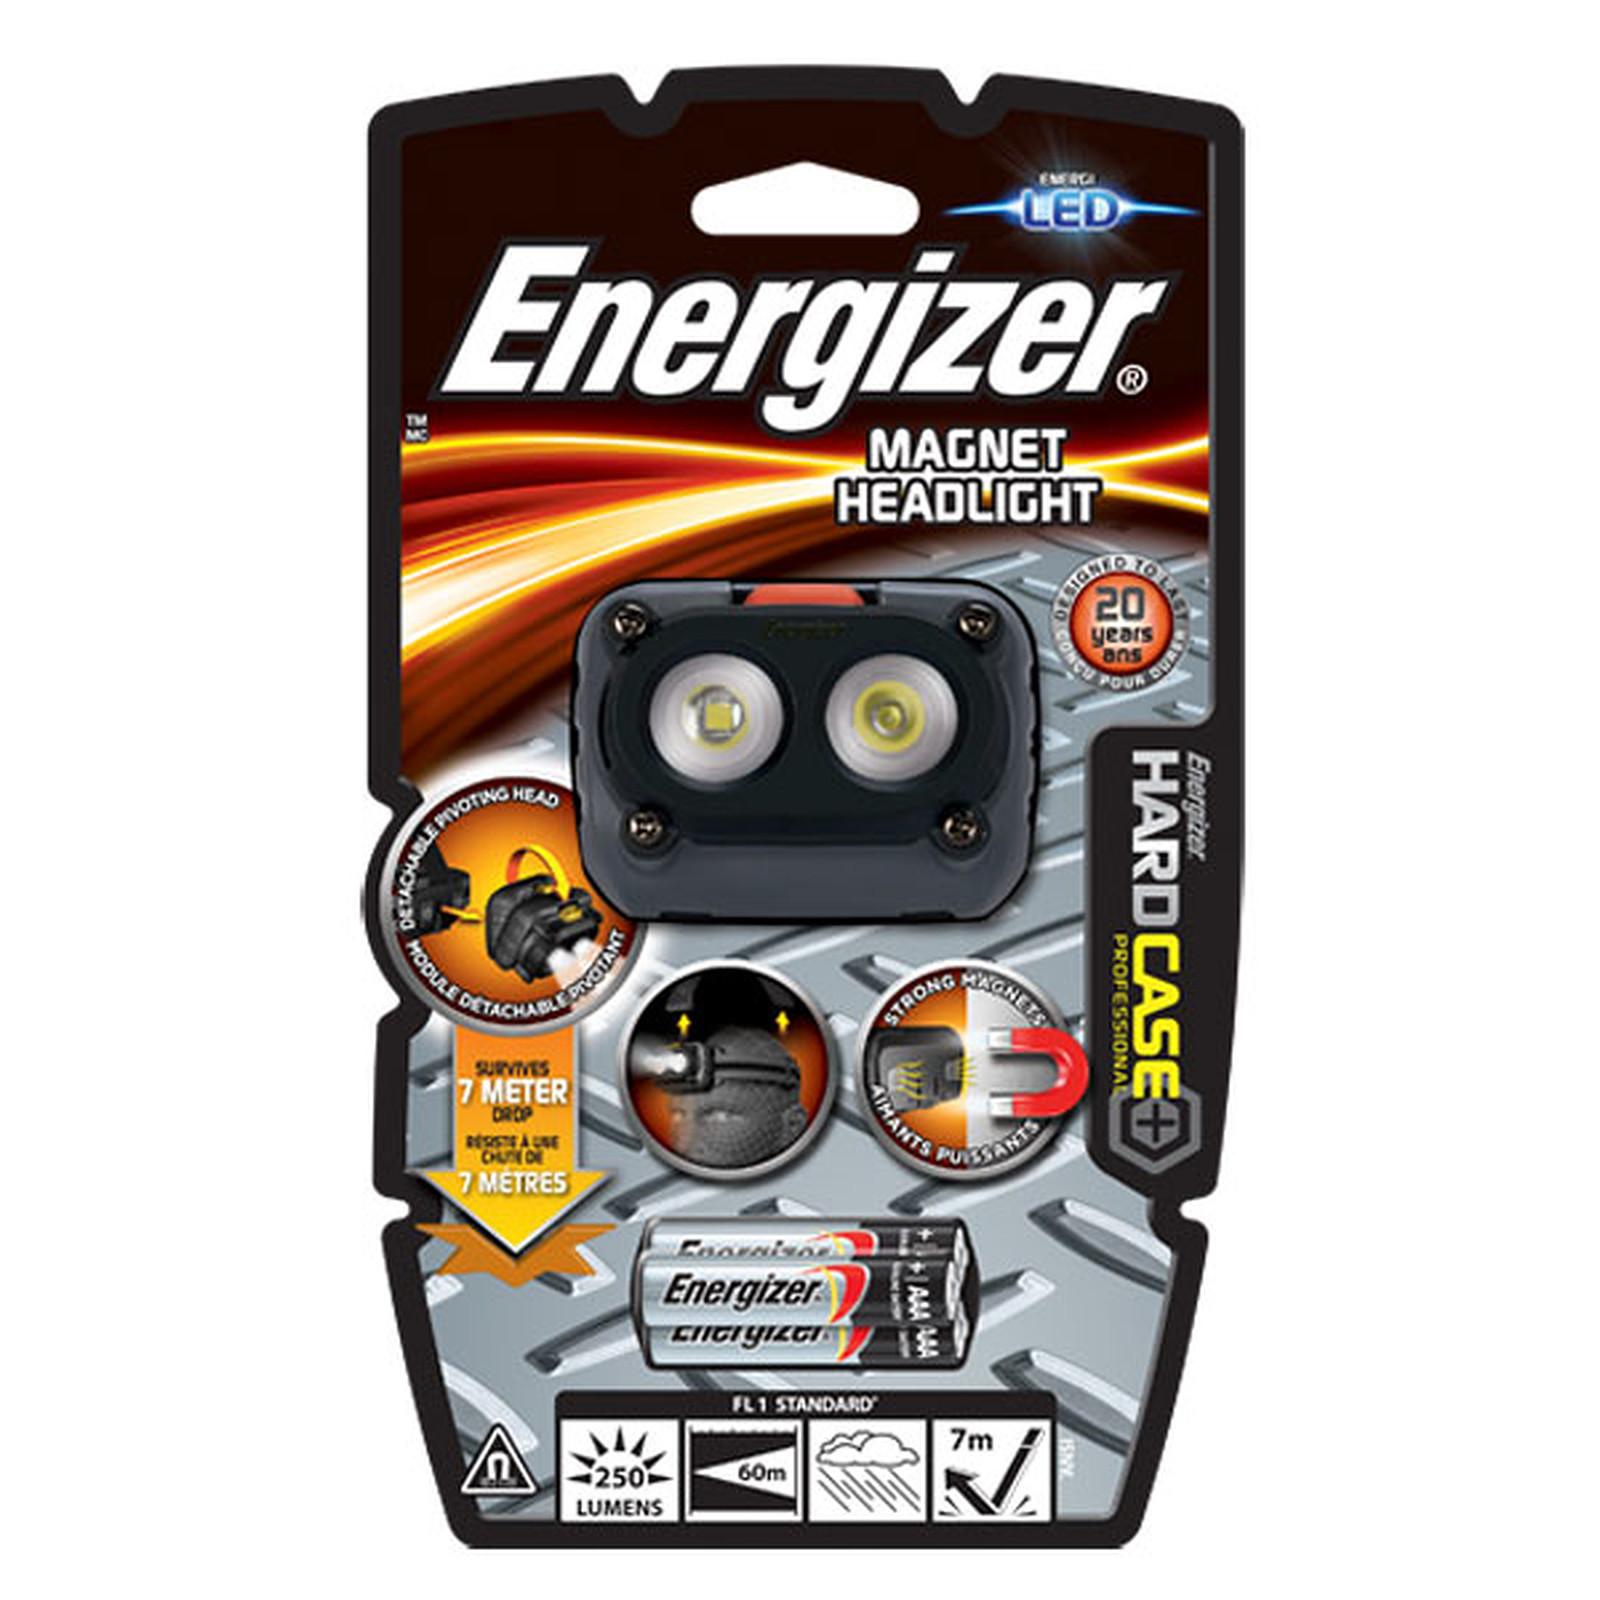 Headlight Headlight Hardcase Hardcase Magnet Energizer Energizer Magnet wNnv8m0O